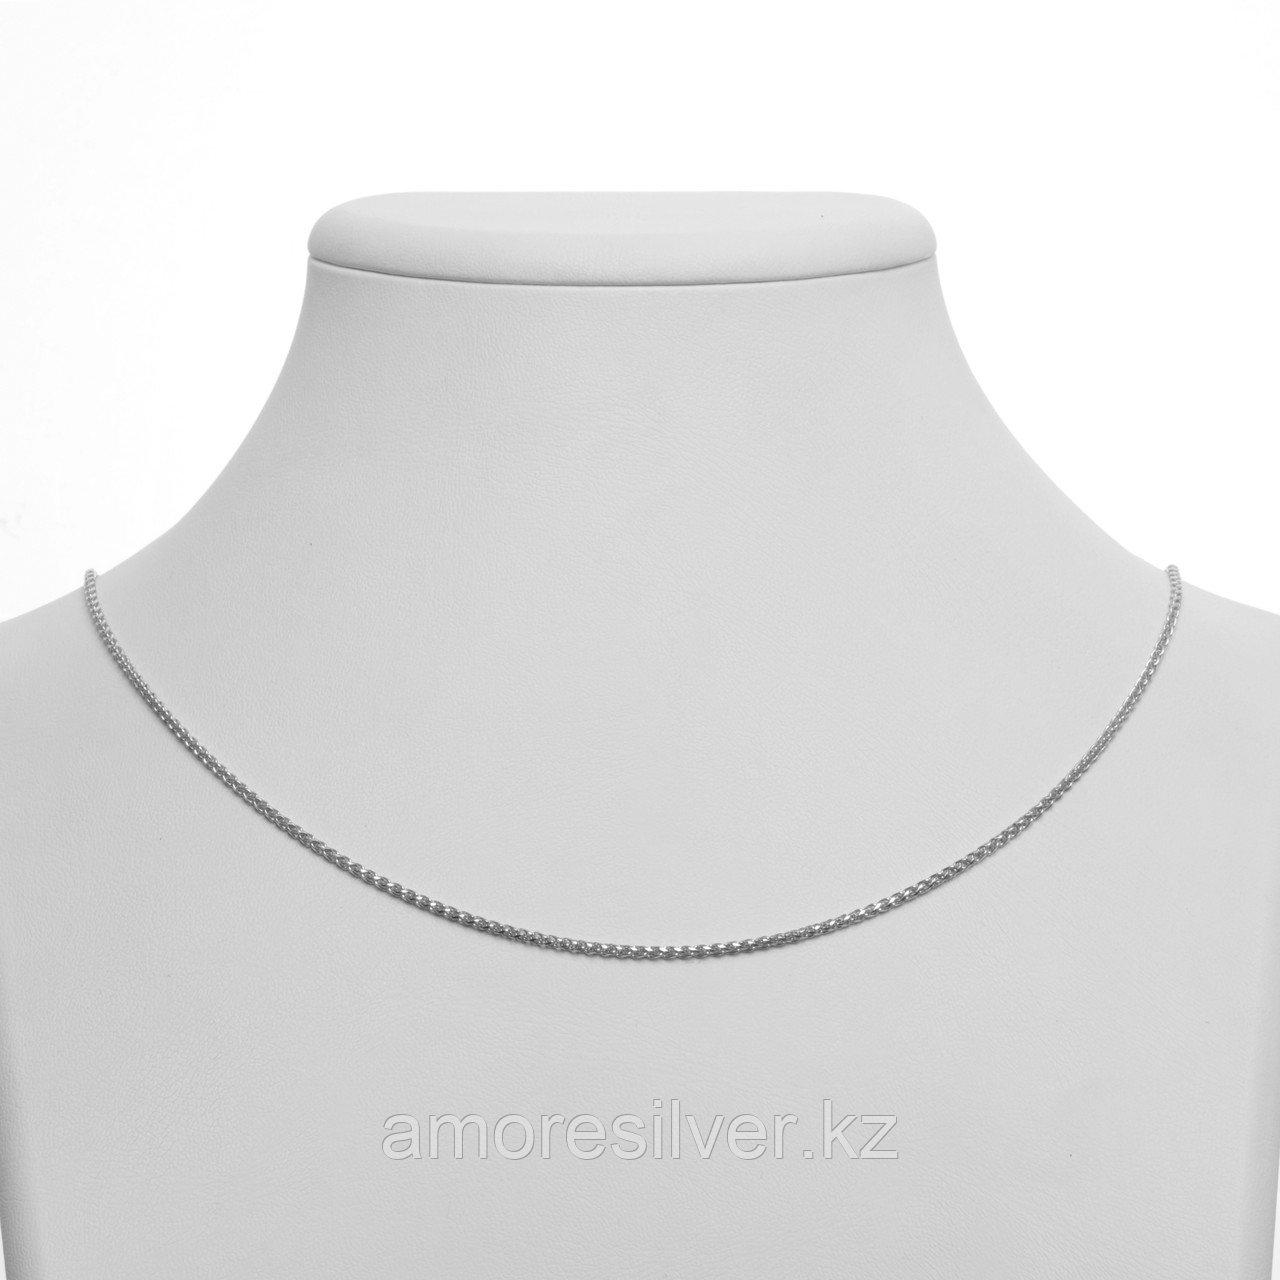 Цепь  серебро с родием, фантазийная,  SPT EVD193-045-55 размеры - 55